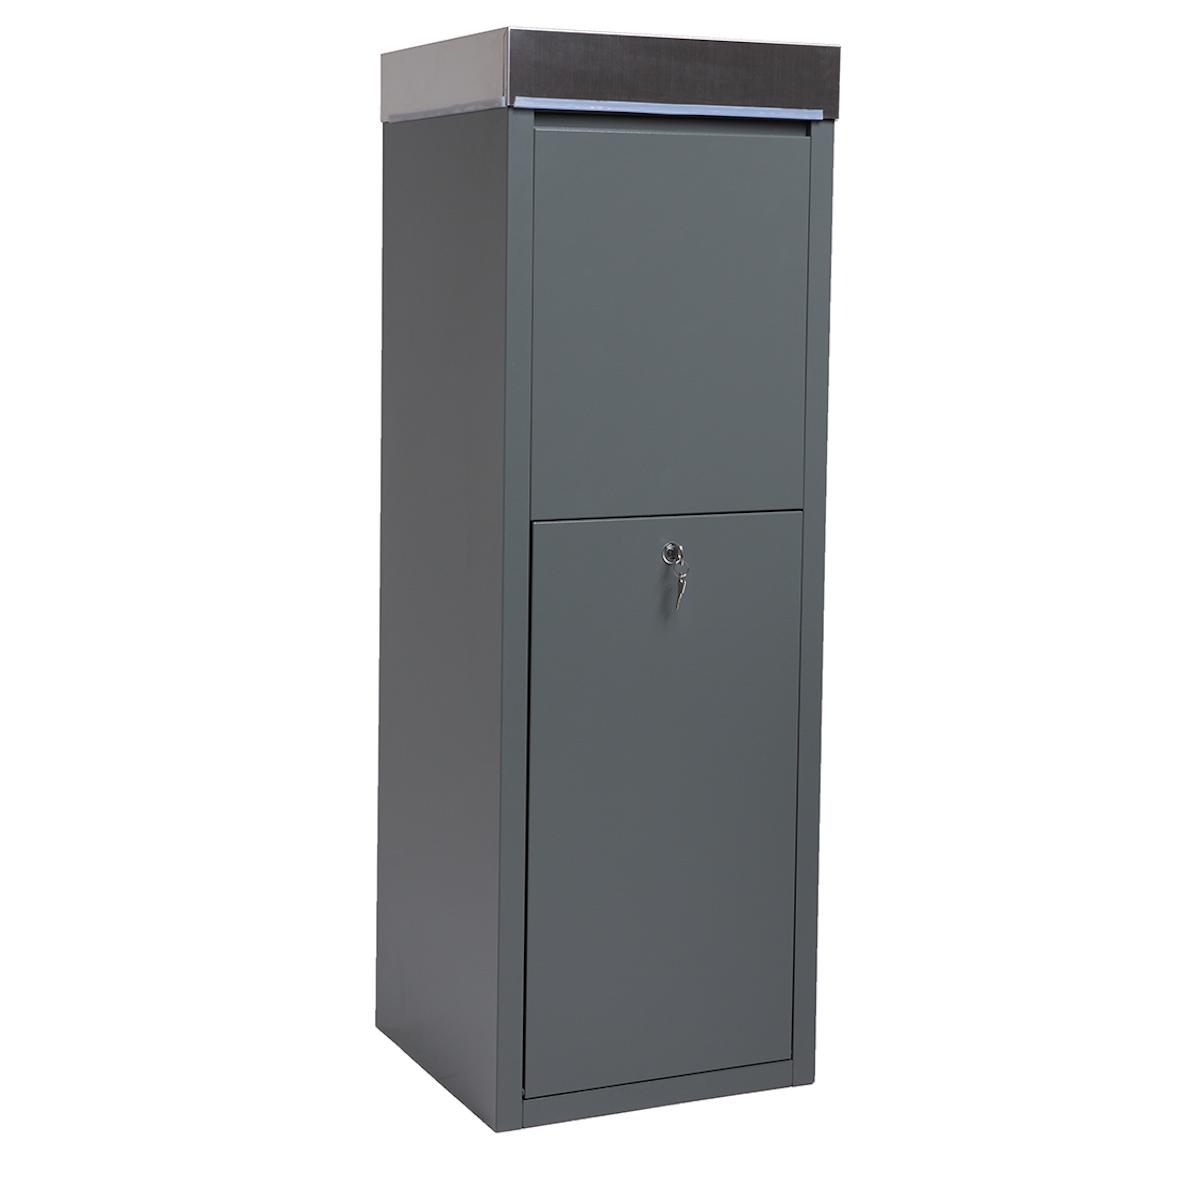 90580 SVITA Paketbox Paketbriefkasten mit Edelstahl-Deckel Grau KD